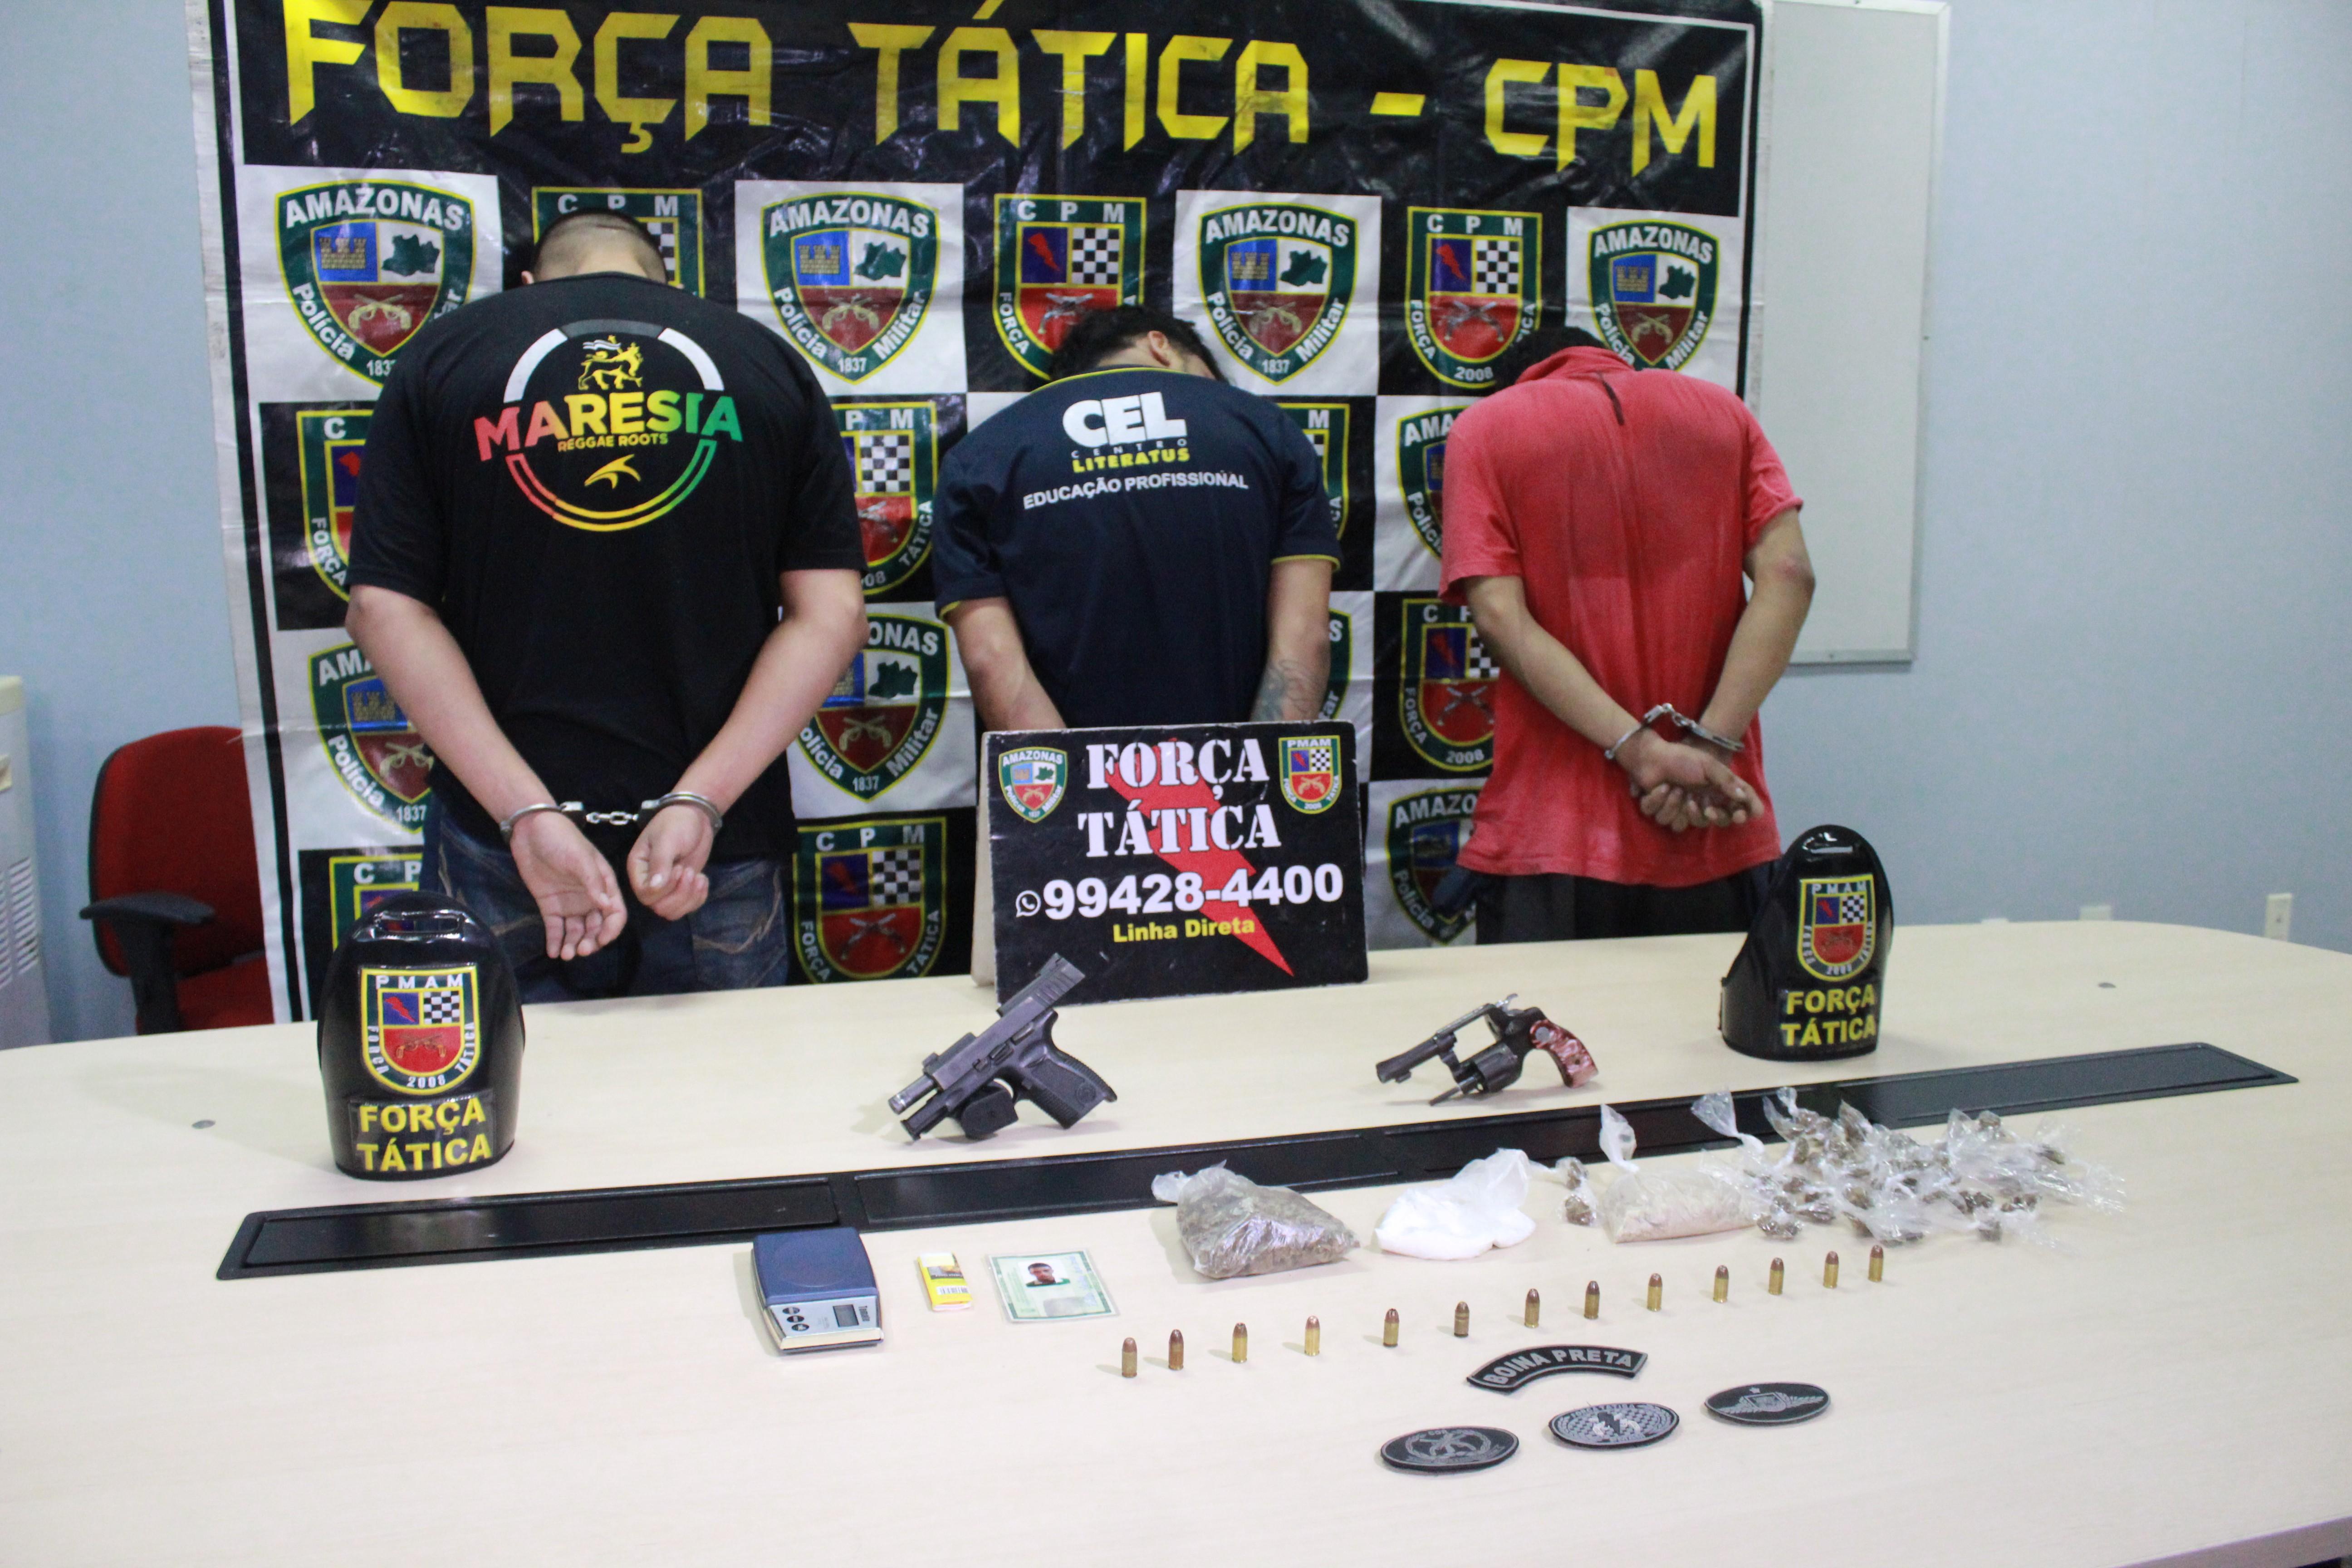 Foragido do CDPM 2 suspeito de participar de assassinato de funcionário do Inpa é preso com armas e drogas em Manaus - Notícias - Plantão Diário